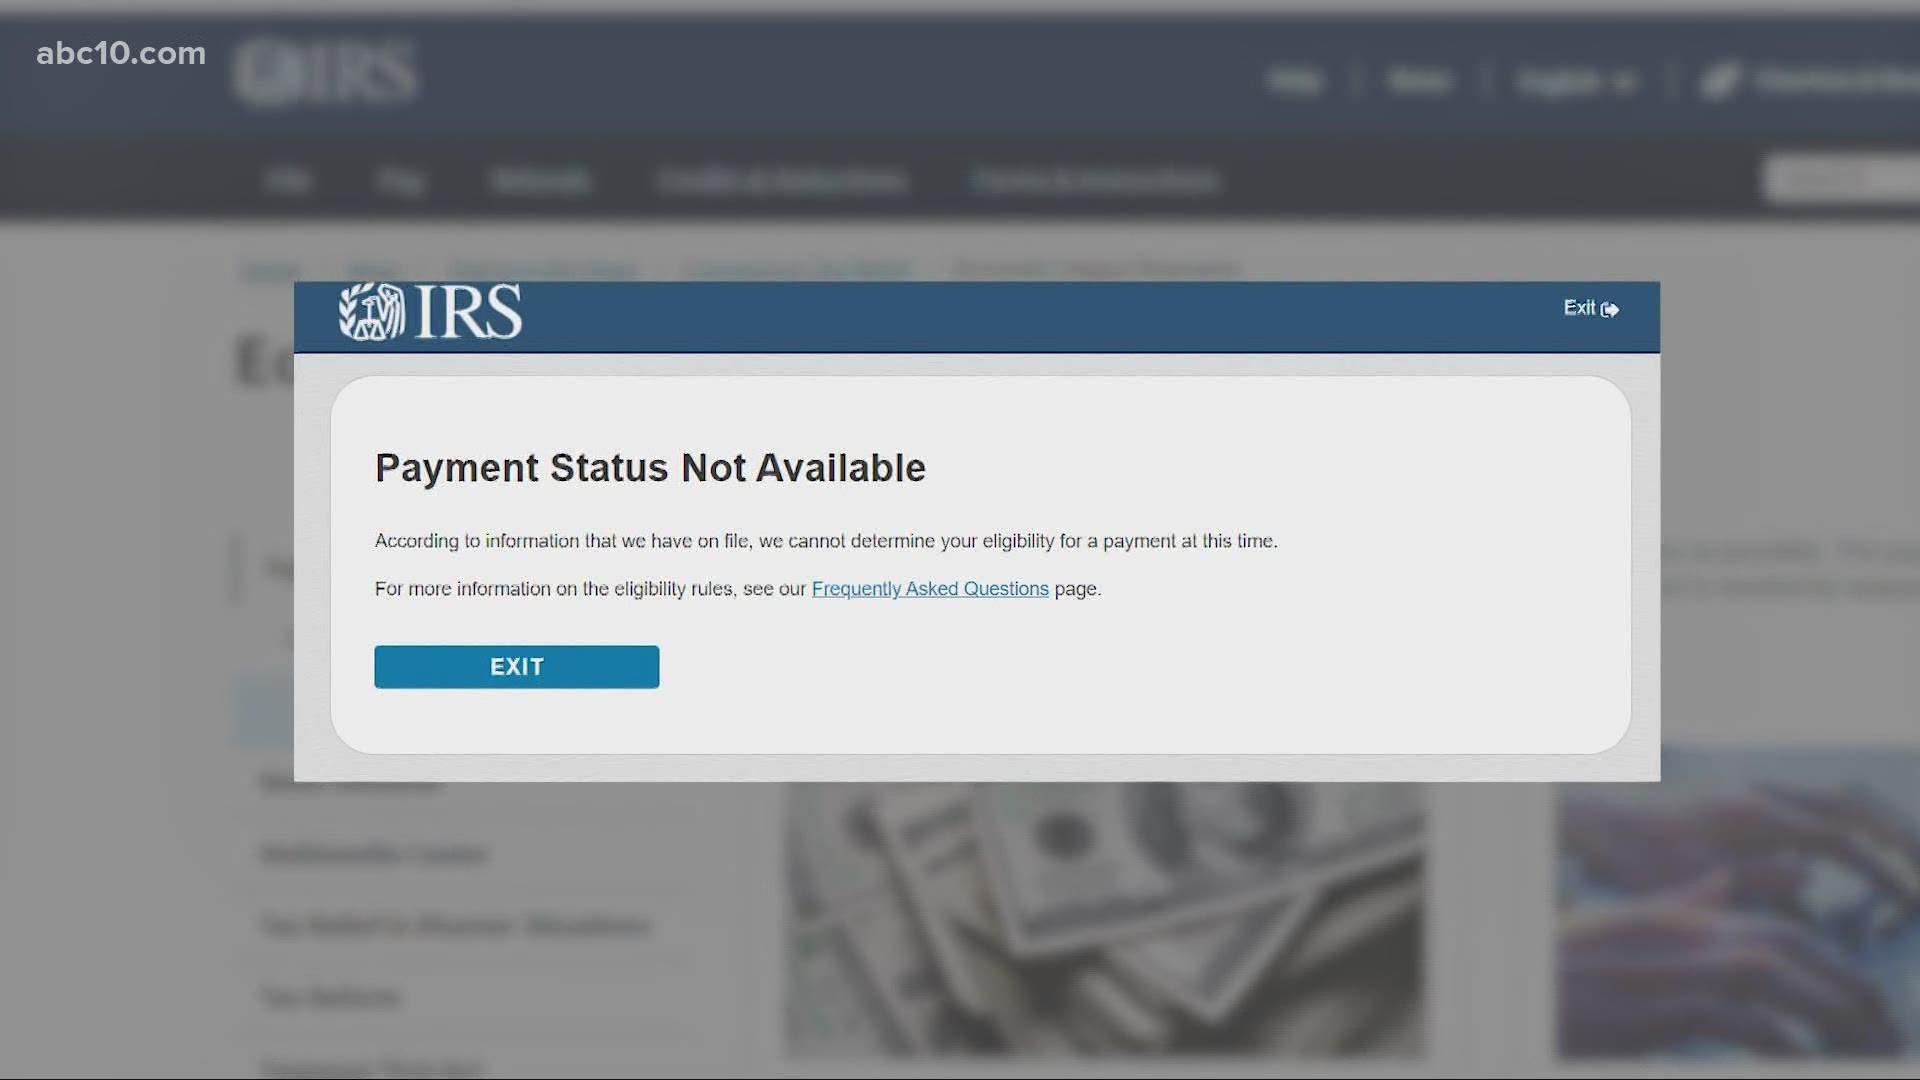 Stimulus checks who gets them | abc10.com